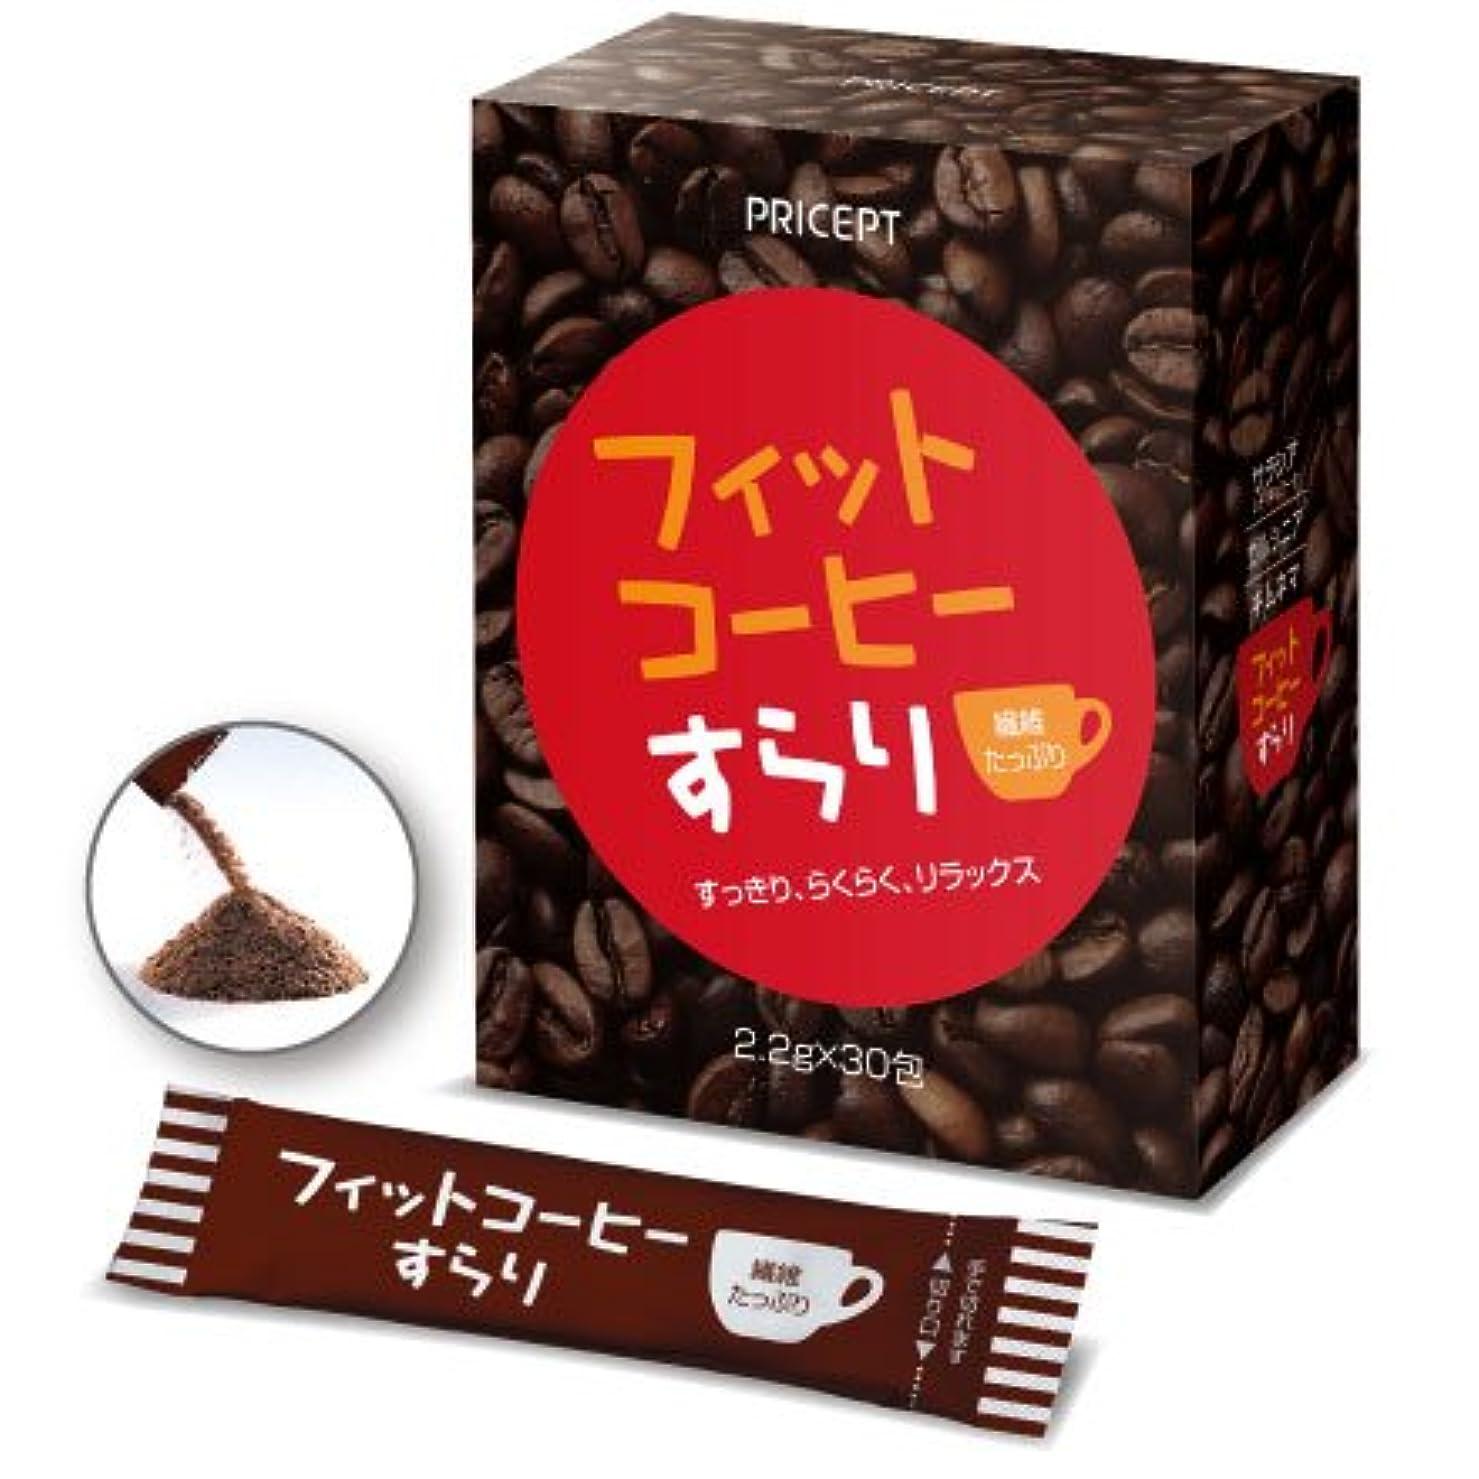 ナチュラ欲望立法プリセプト フィットコーヒーすらり 30包【単品】(ダイエットサポートコーヒー)